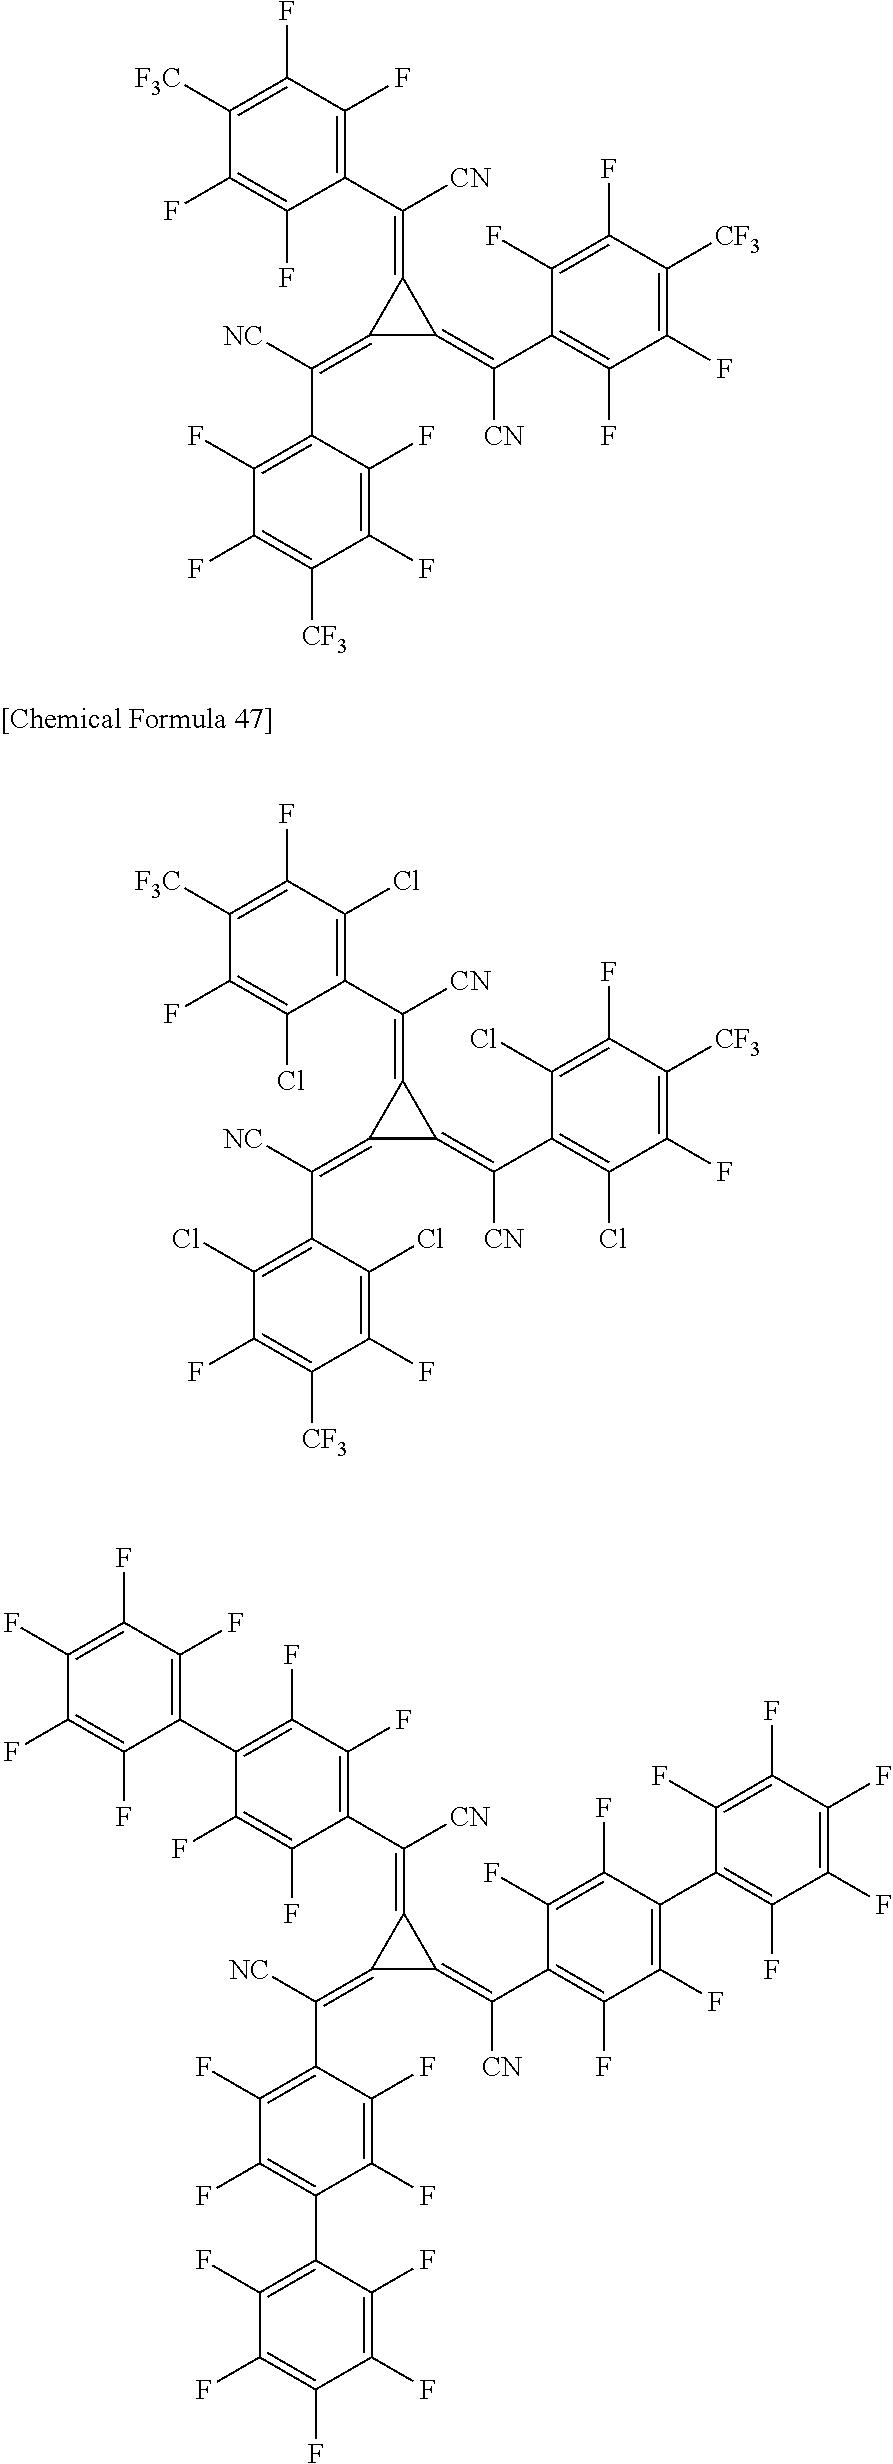 Figure US20150280139A1-20151001-C00120